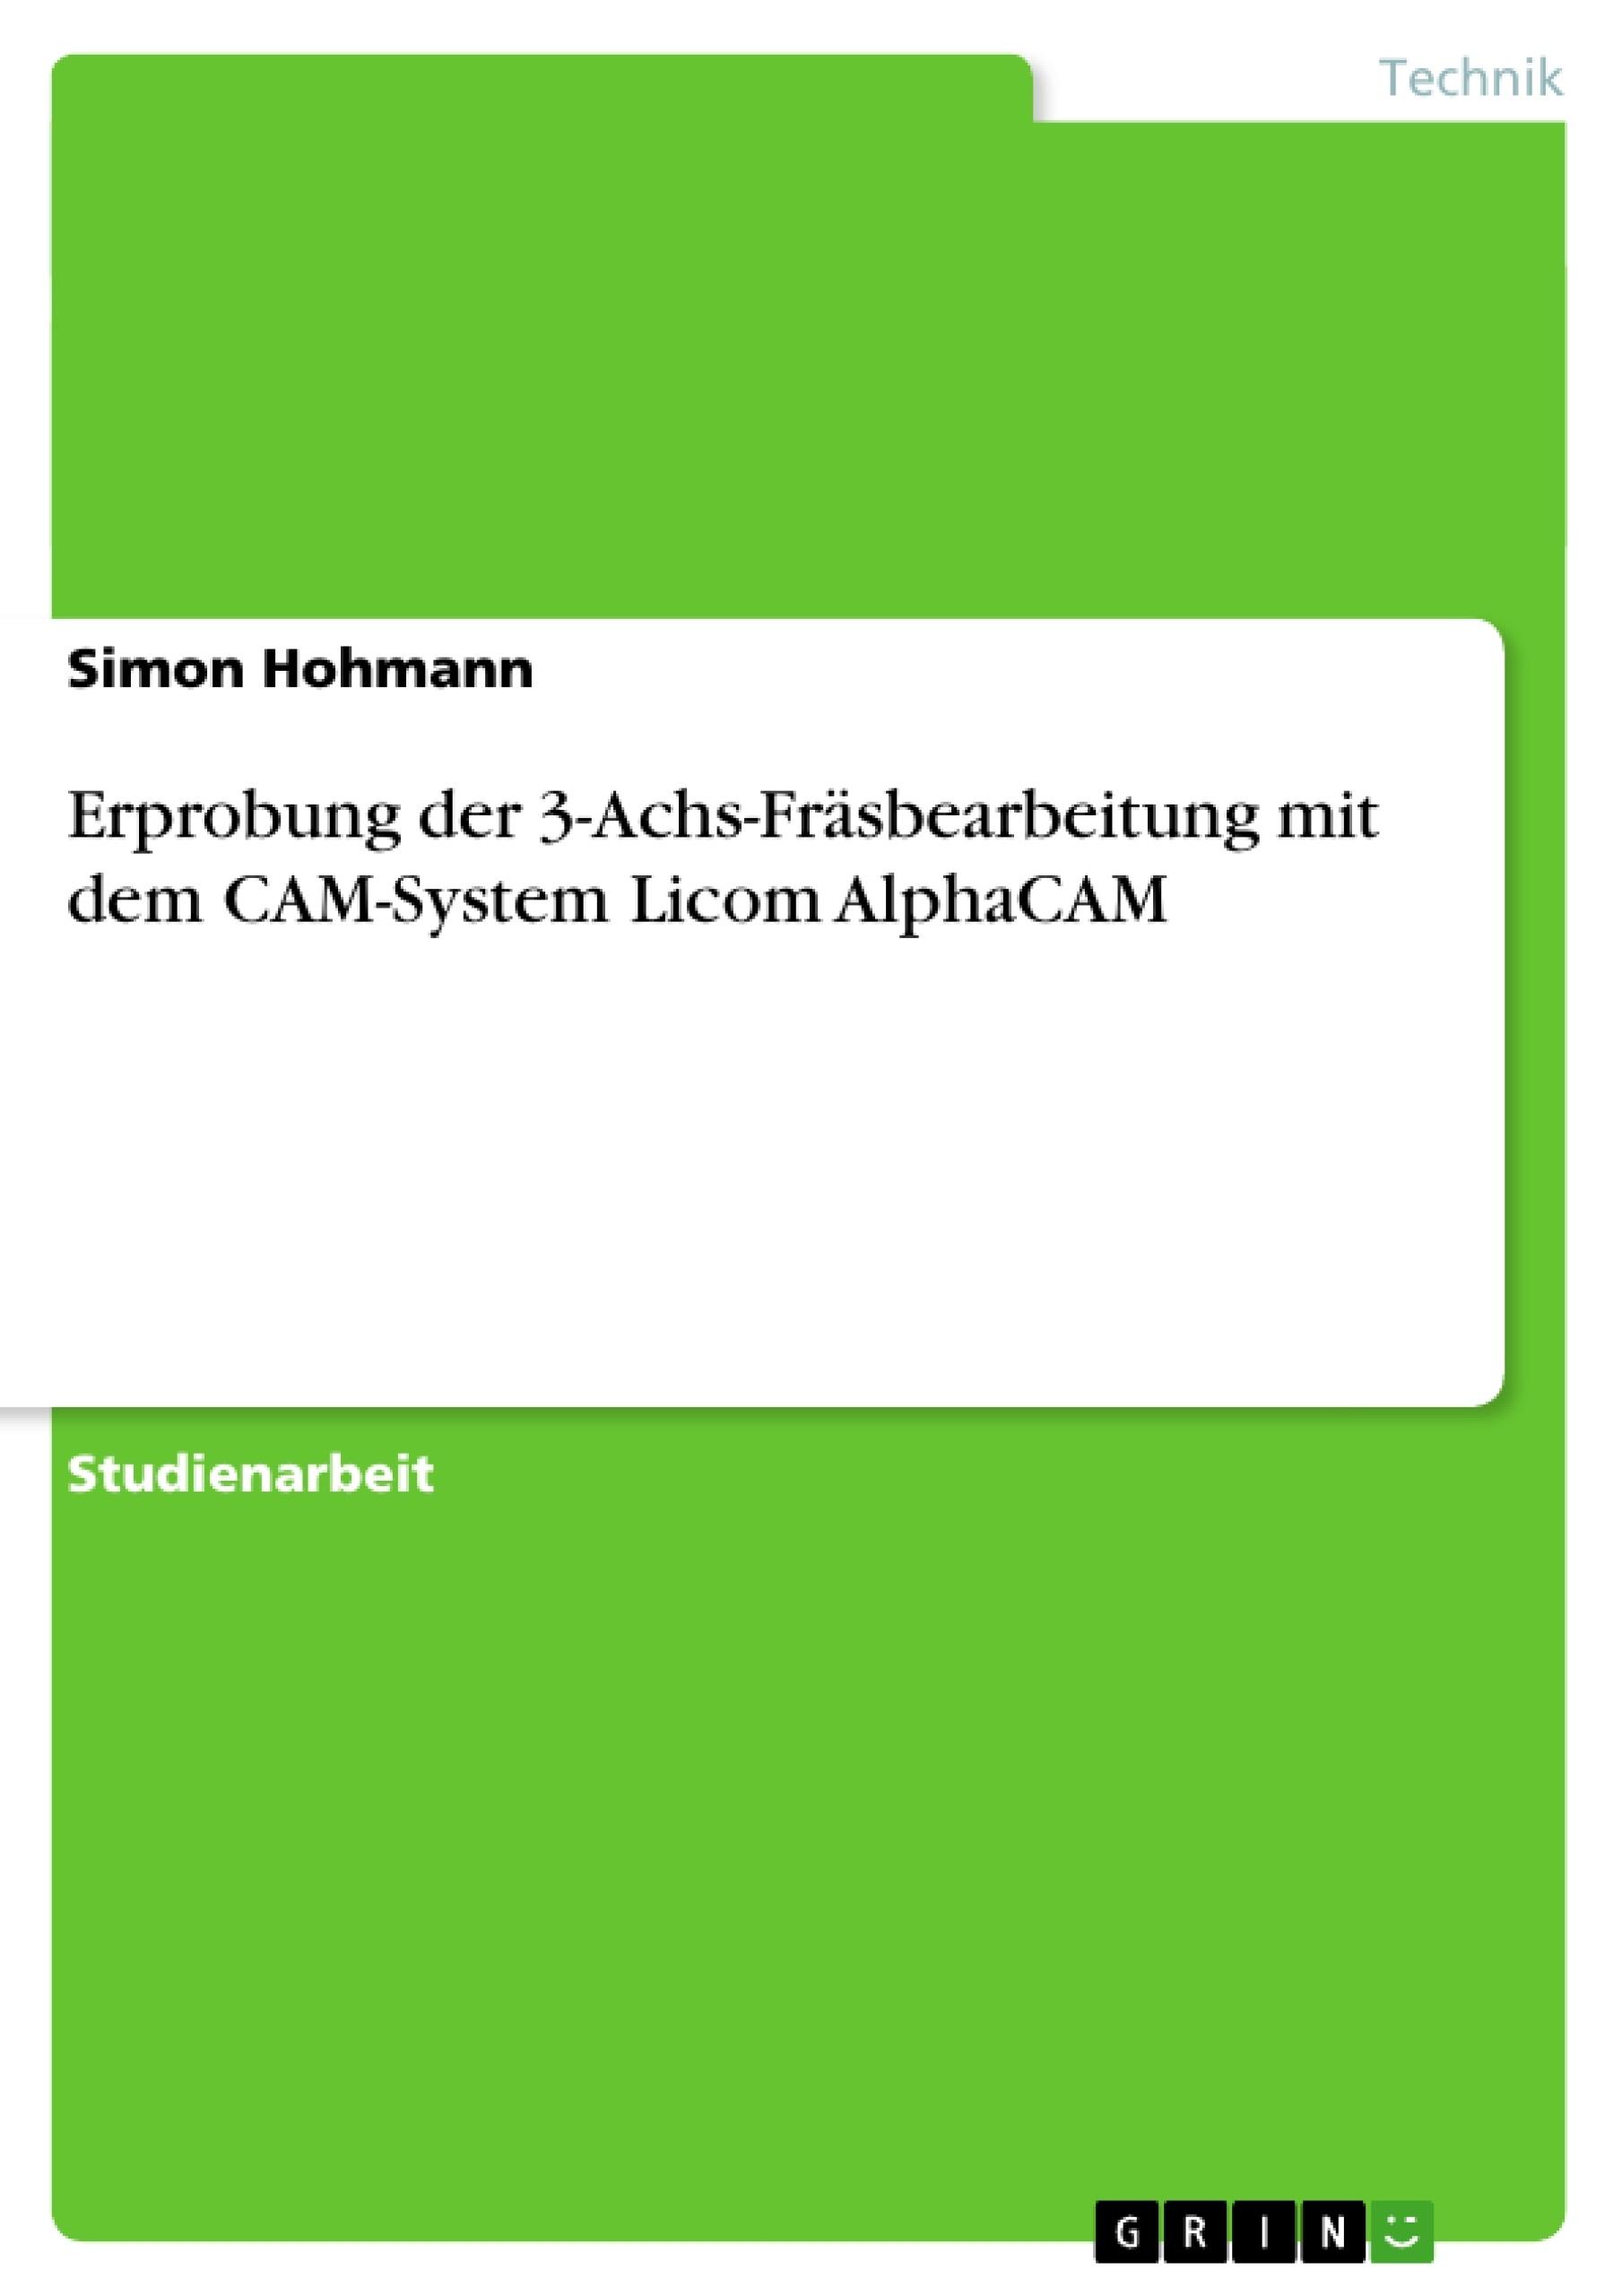 Titel: Erprobung der 3-Achs-Fräsbearbeitung mit dem CAM-System Licom AlphaCAM